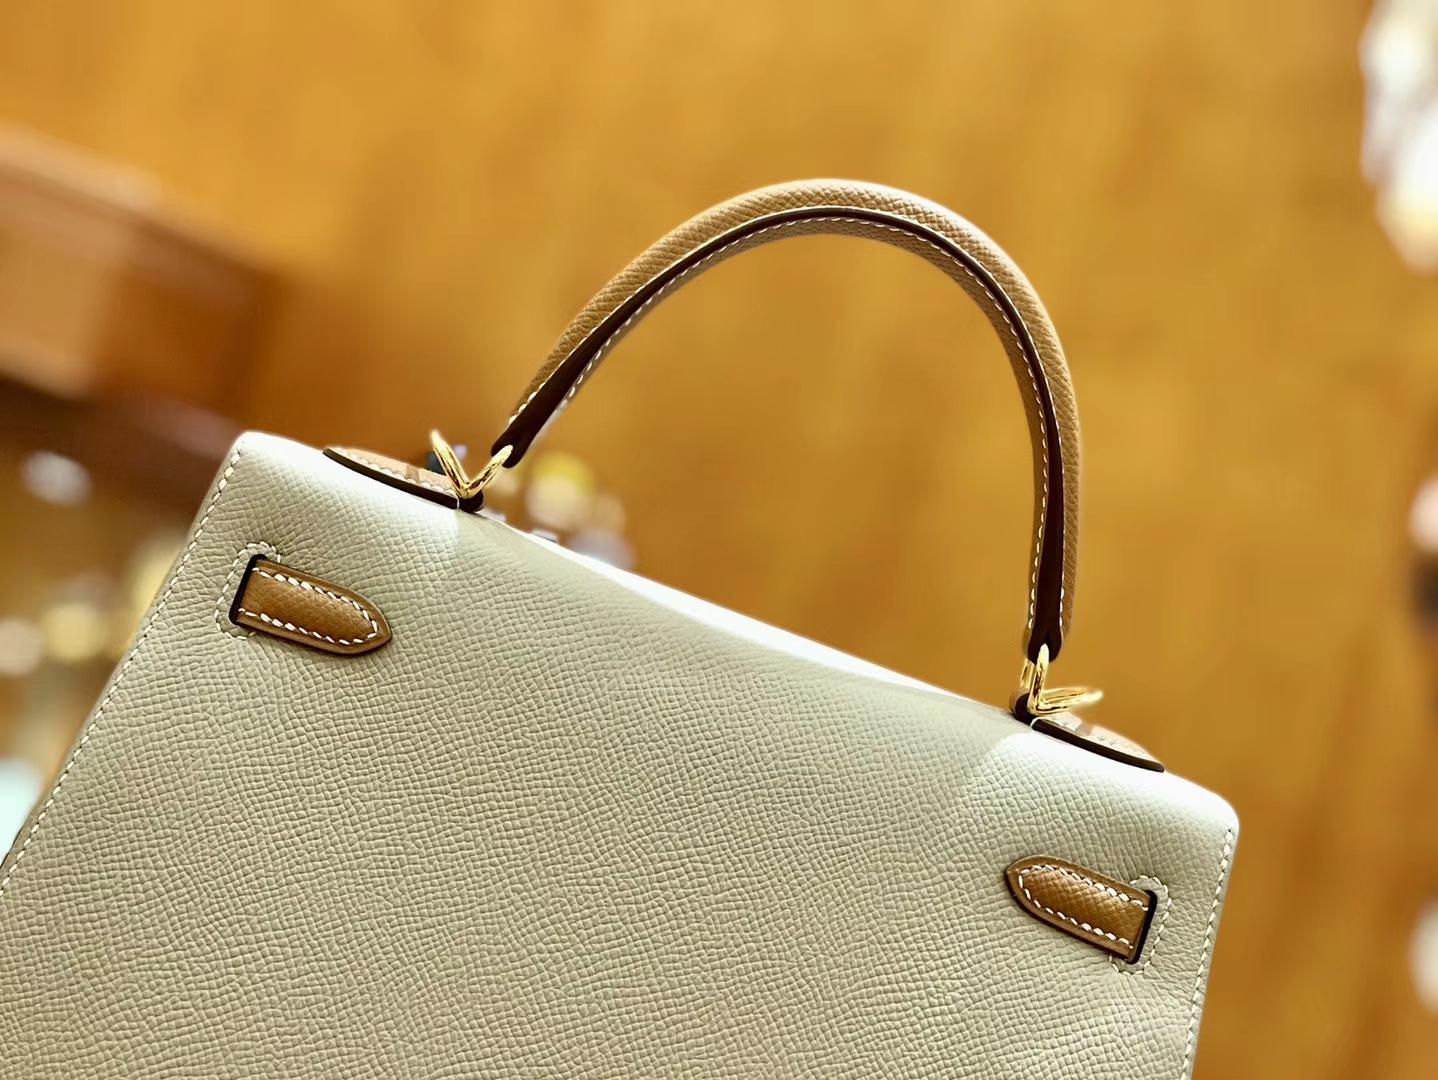 Hermès(爱马仕)Kelly 凯莉包 掌纹牛皮 米黄色拼金棕色 金扣 25cm